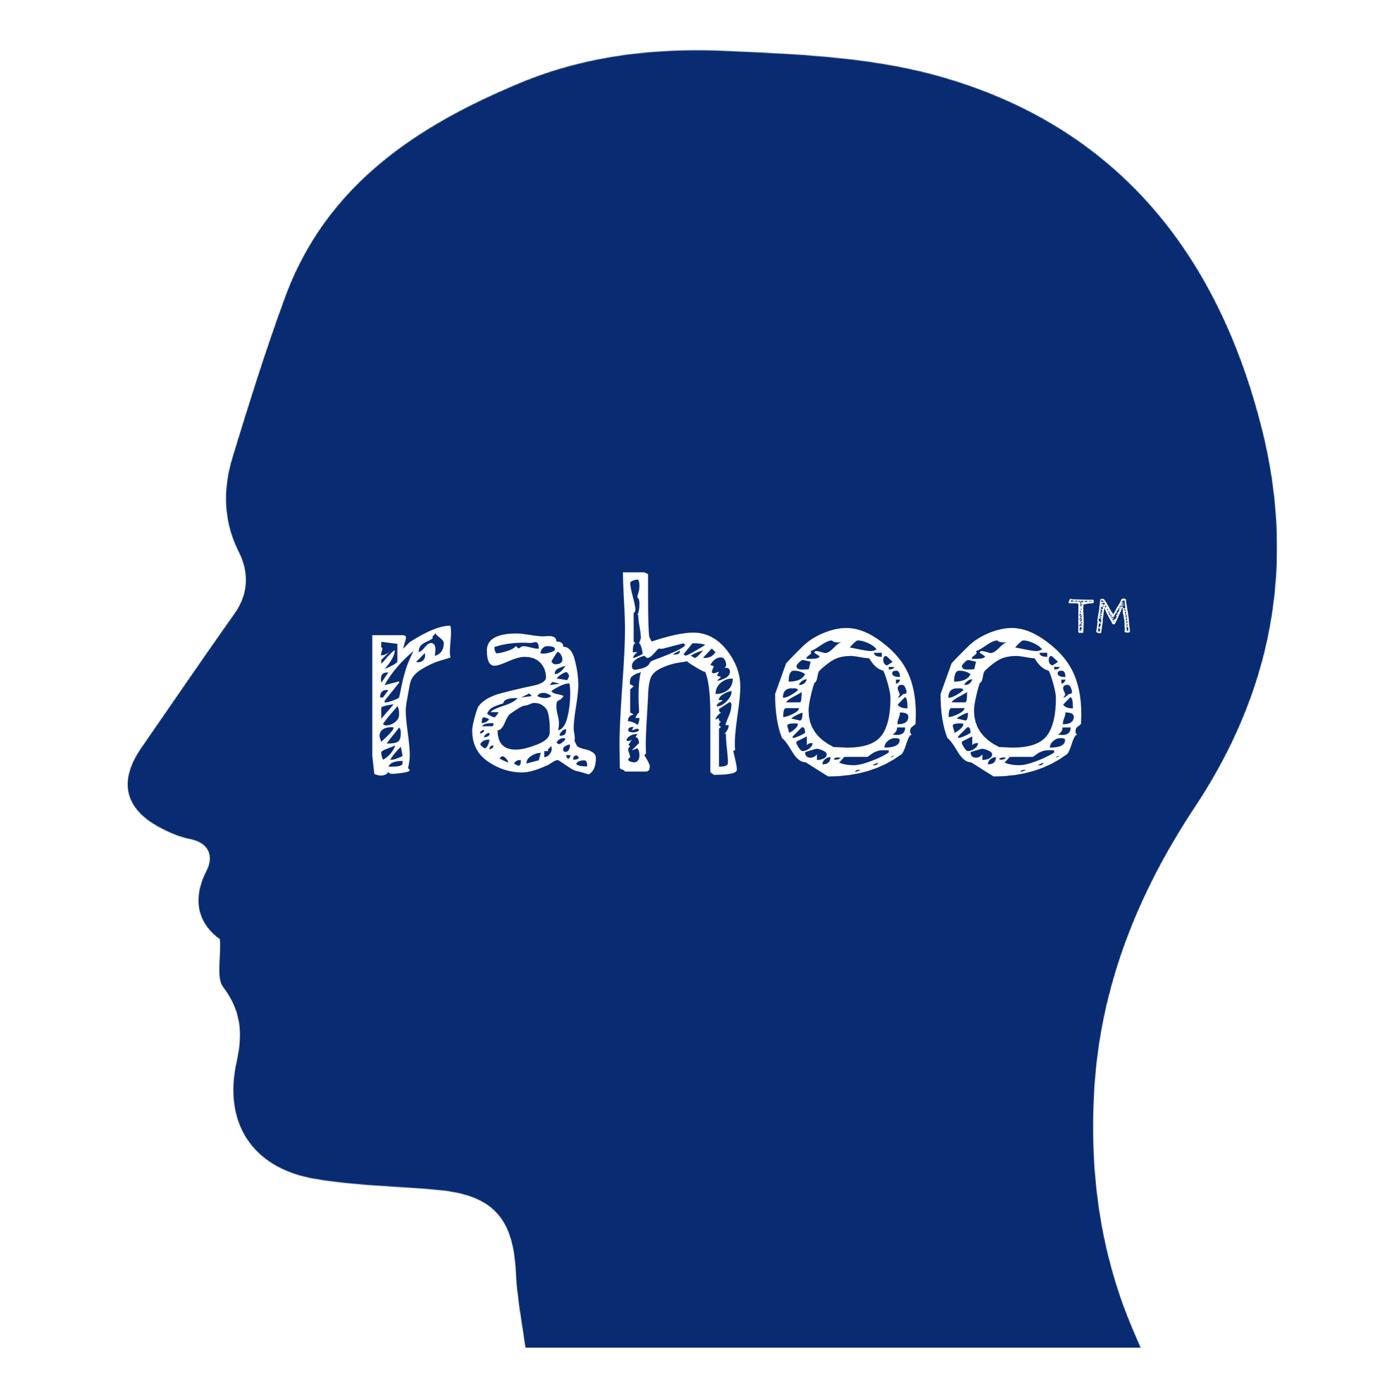 Rahoo